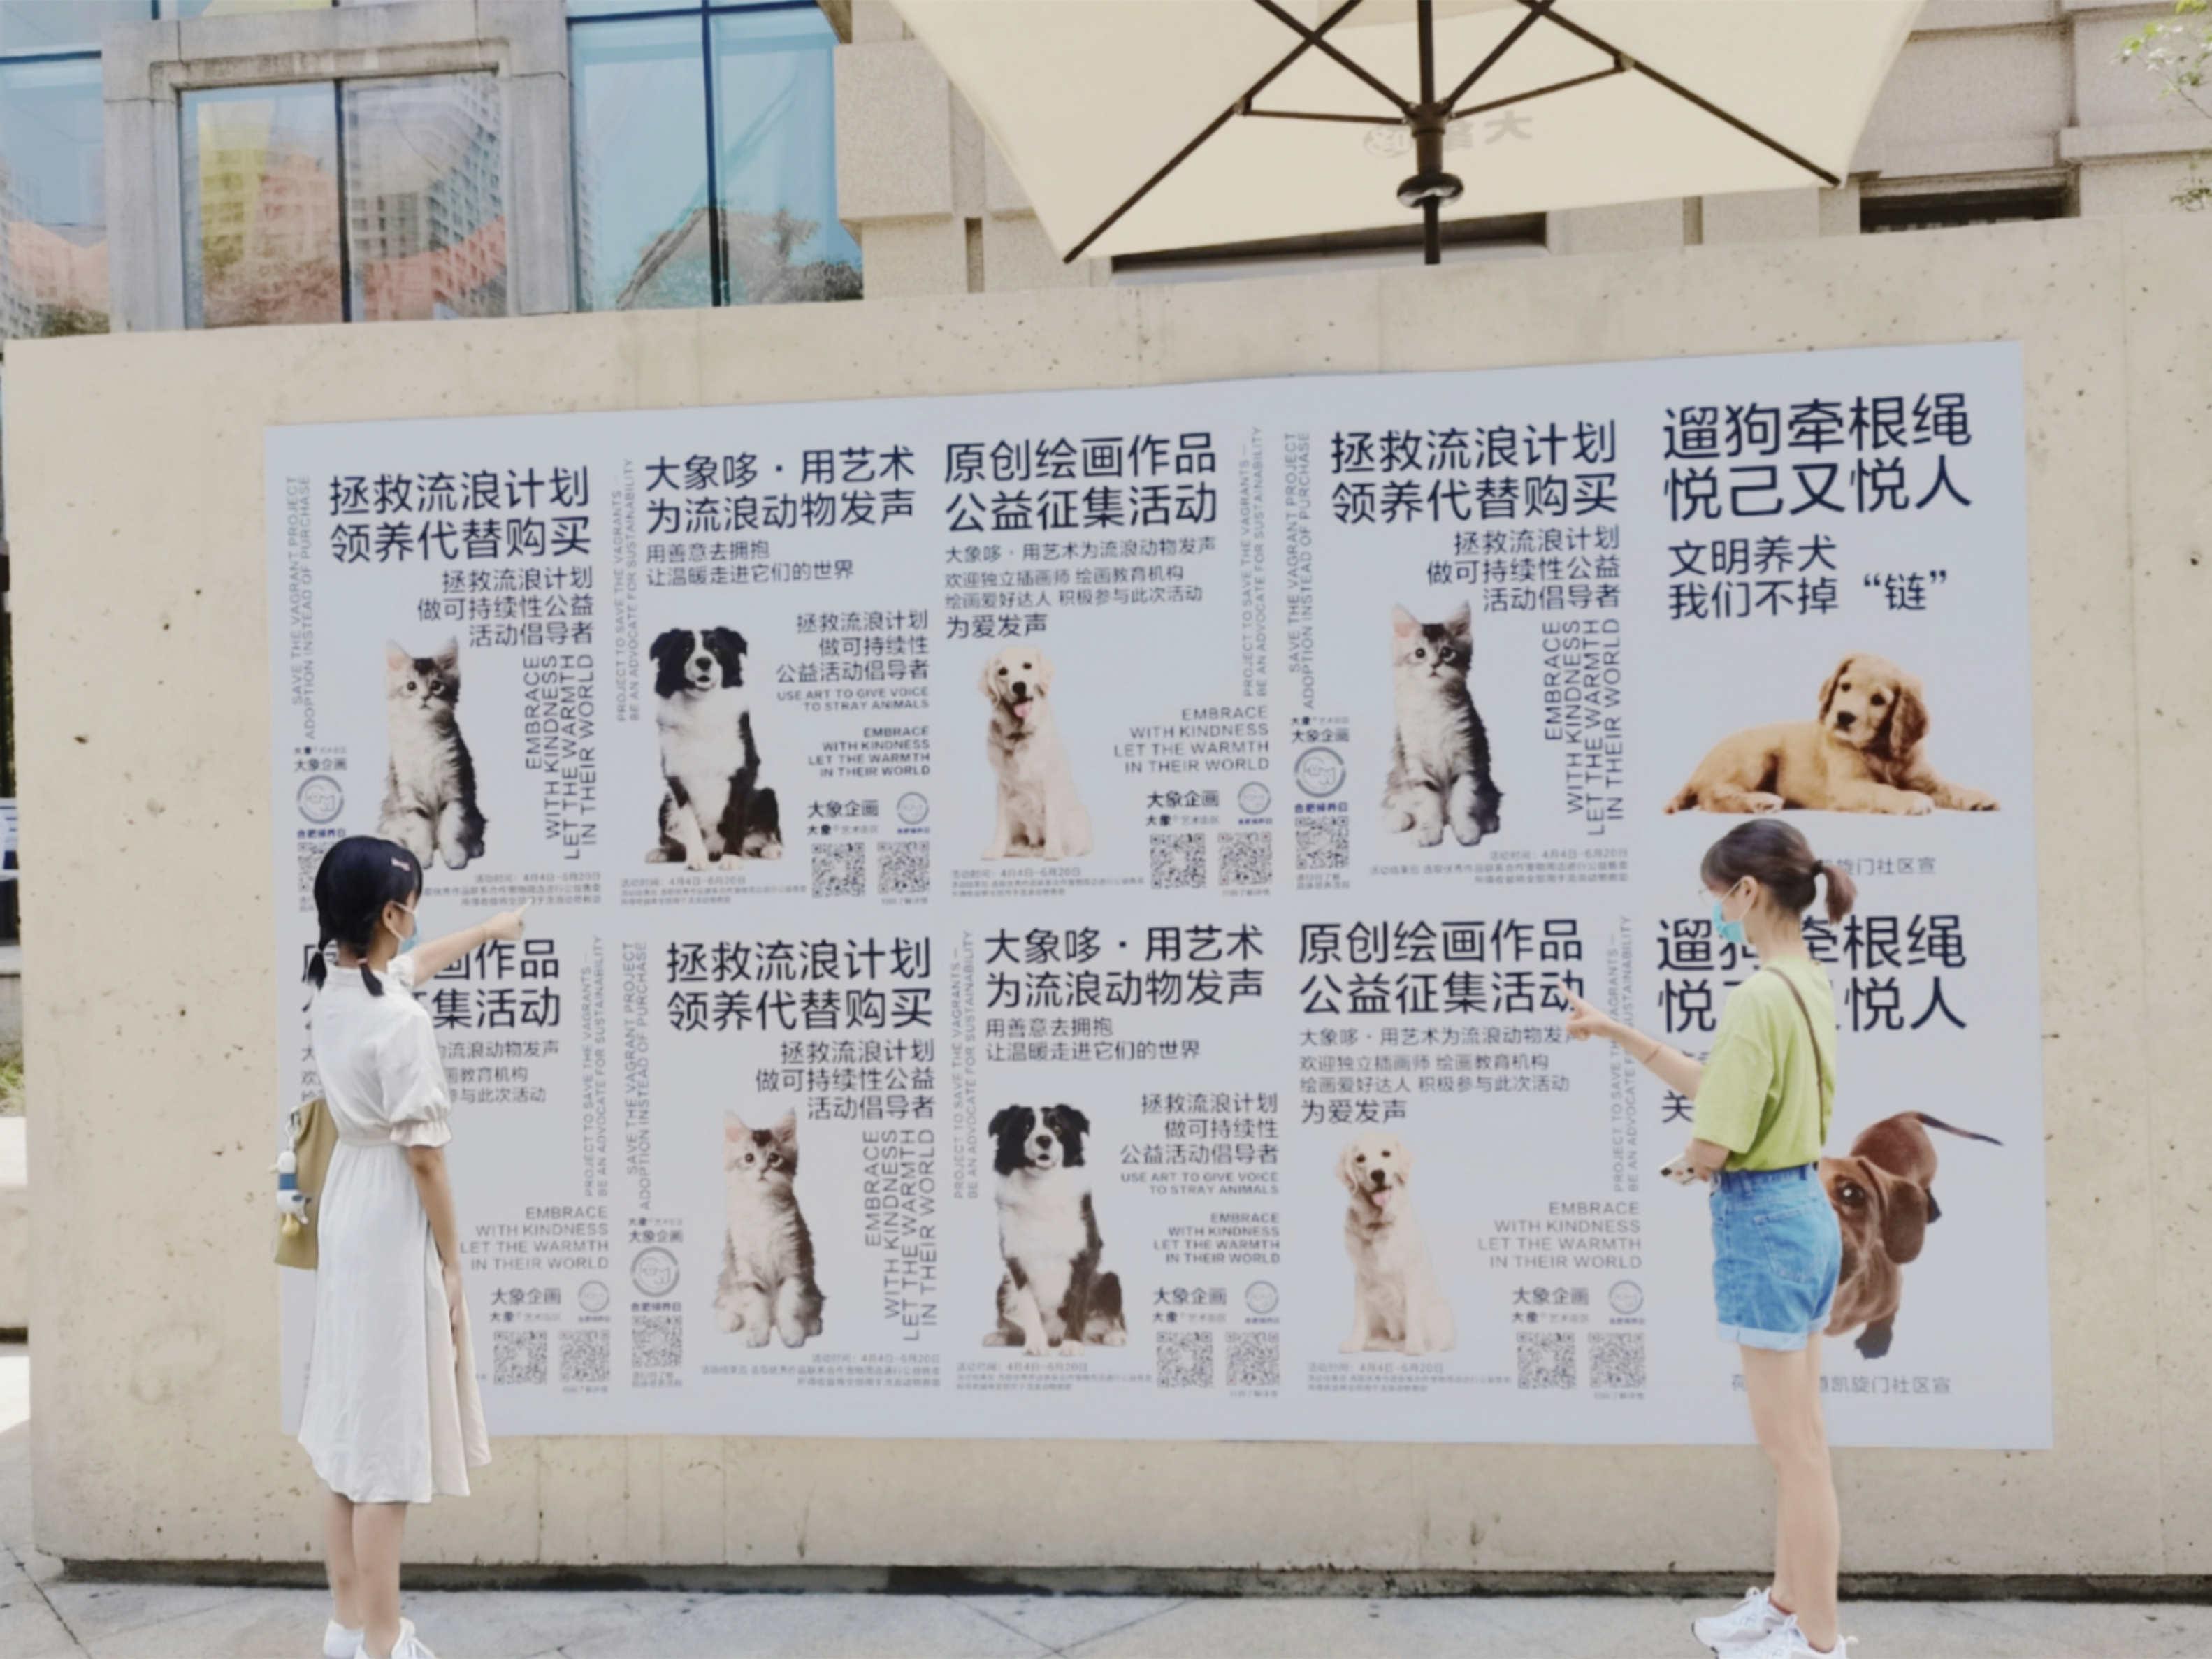 安徽學子三下鄉:走進日常生活,了解養犬知識